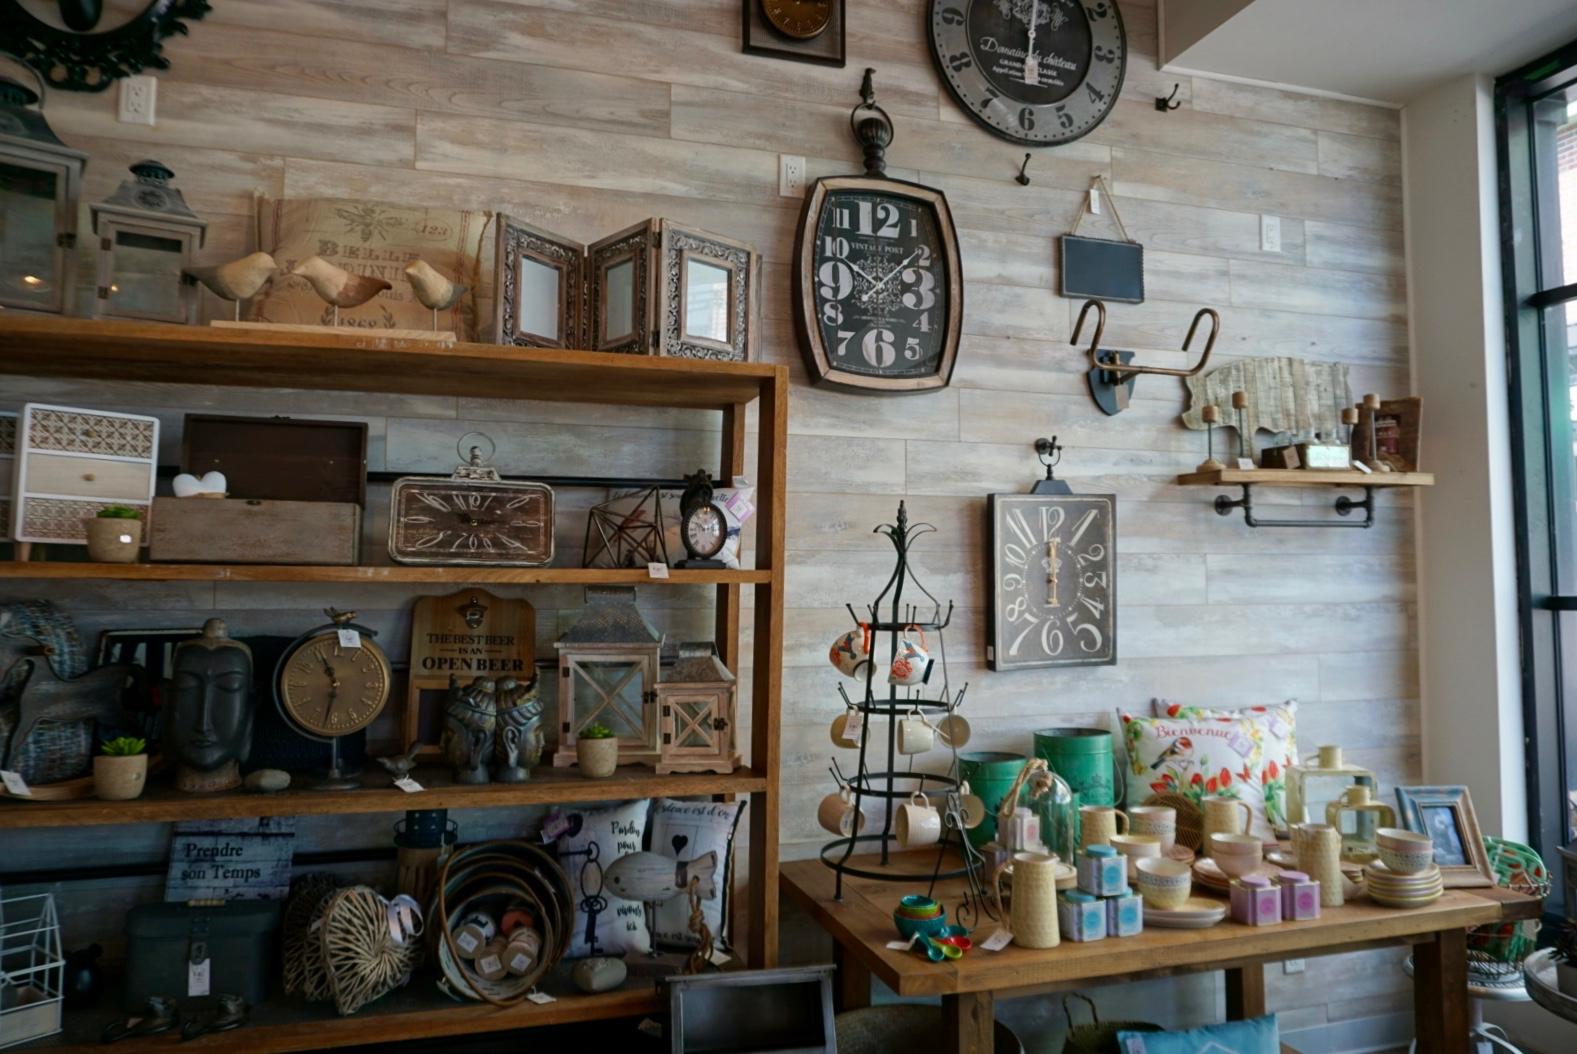 intérieur de la boutique Phébus